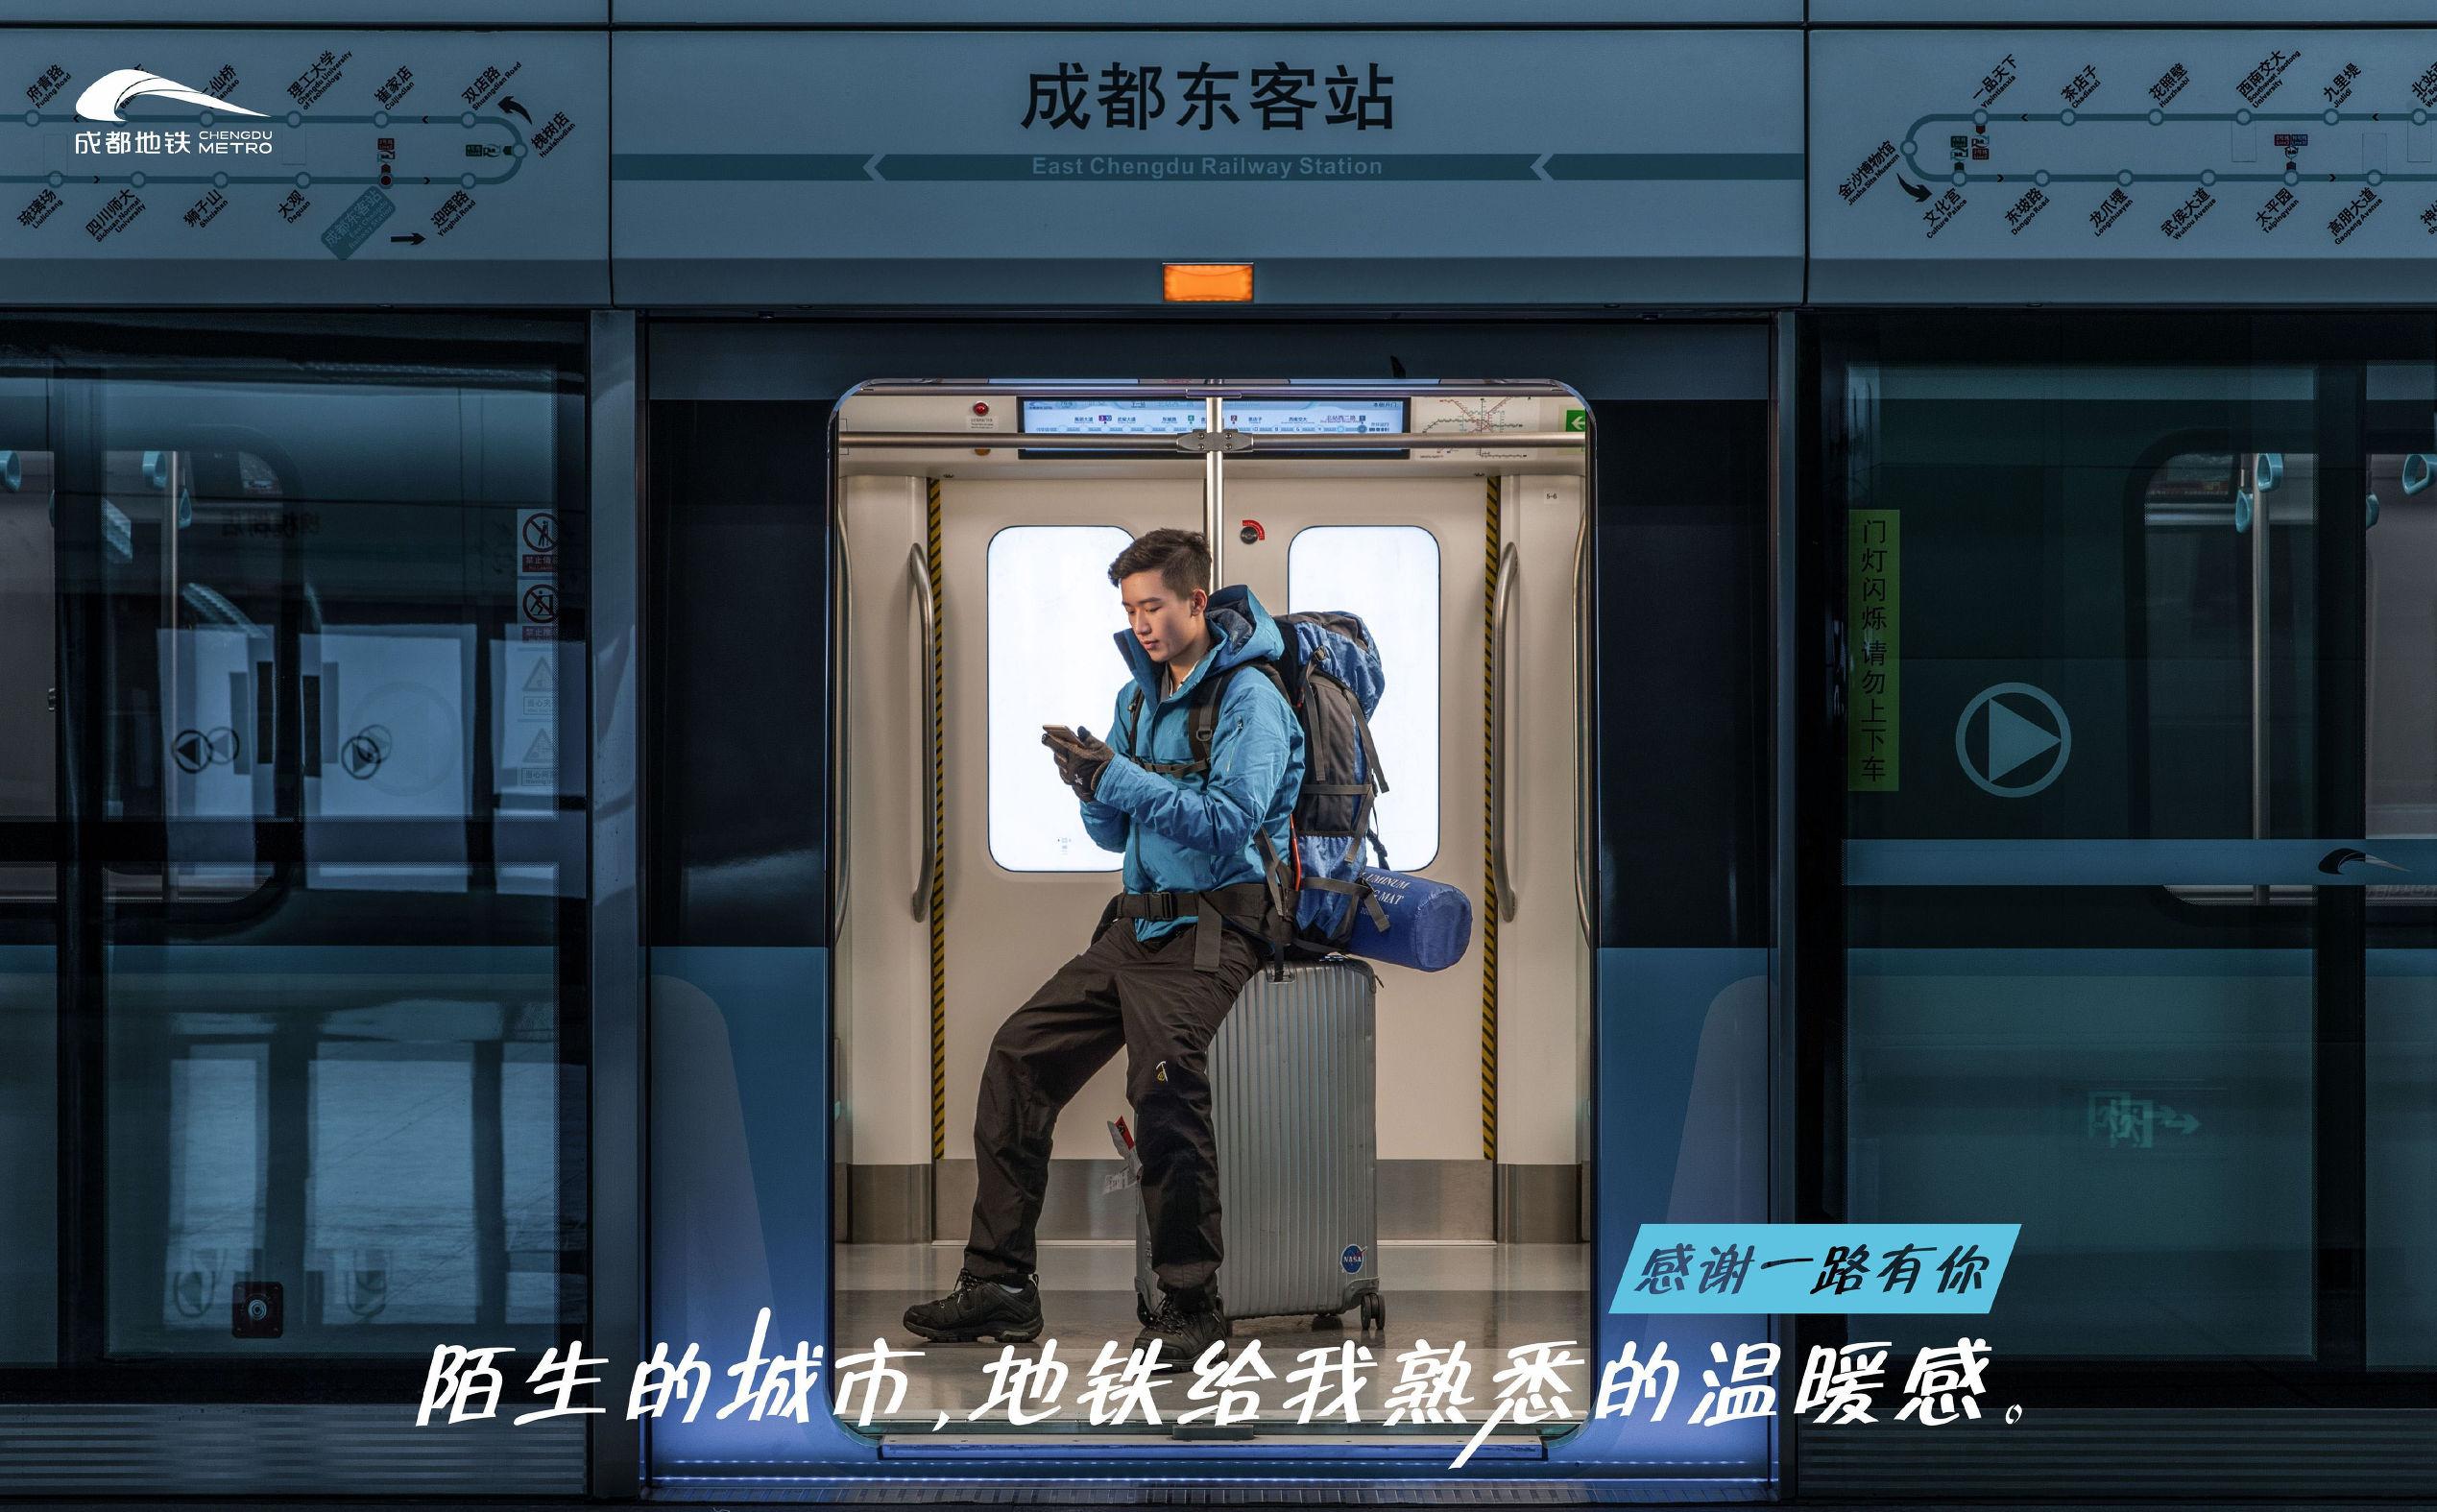 摩登!走心!成都地铁拍了这么多宣传片,这应该是最好看的一支!